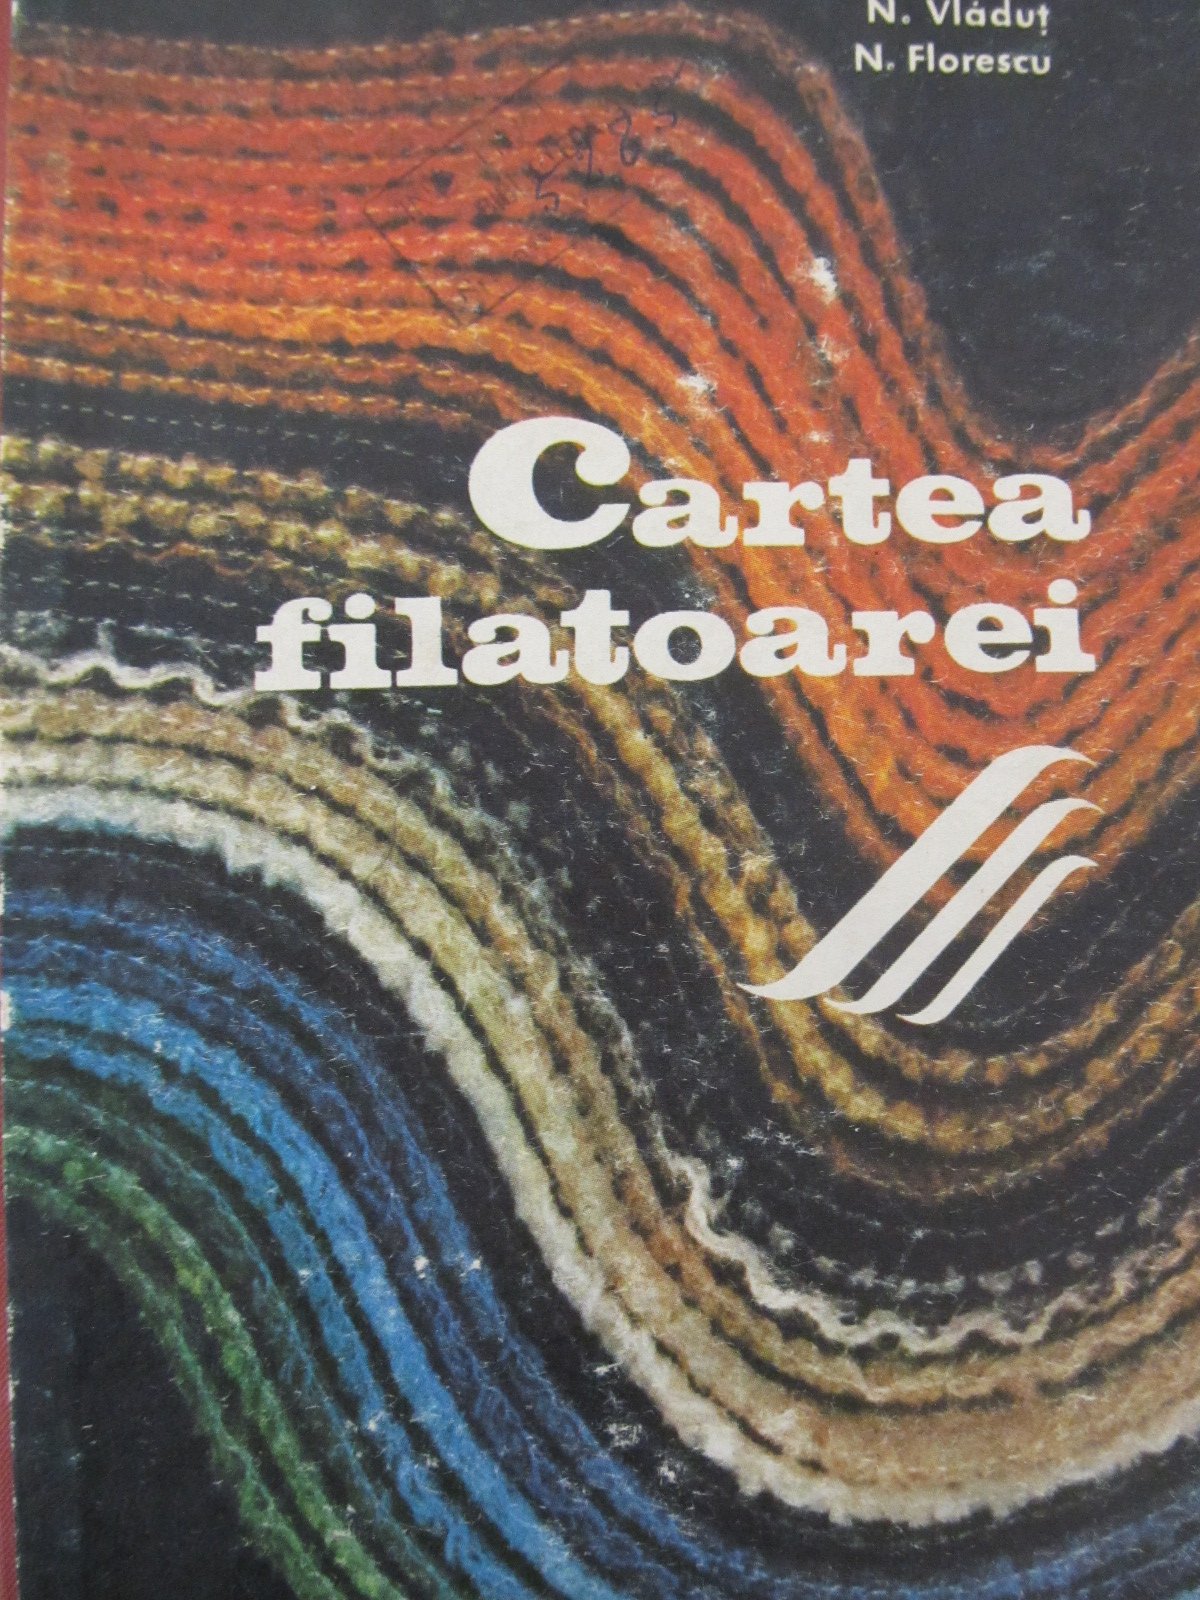 Carte Cartea filatoarei - N. Vladut , N. Florescu